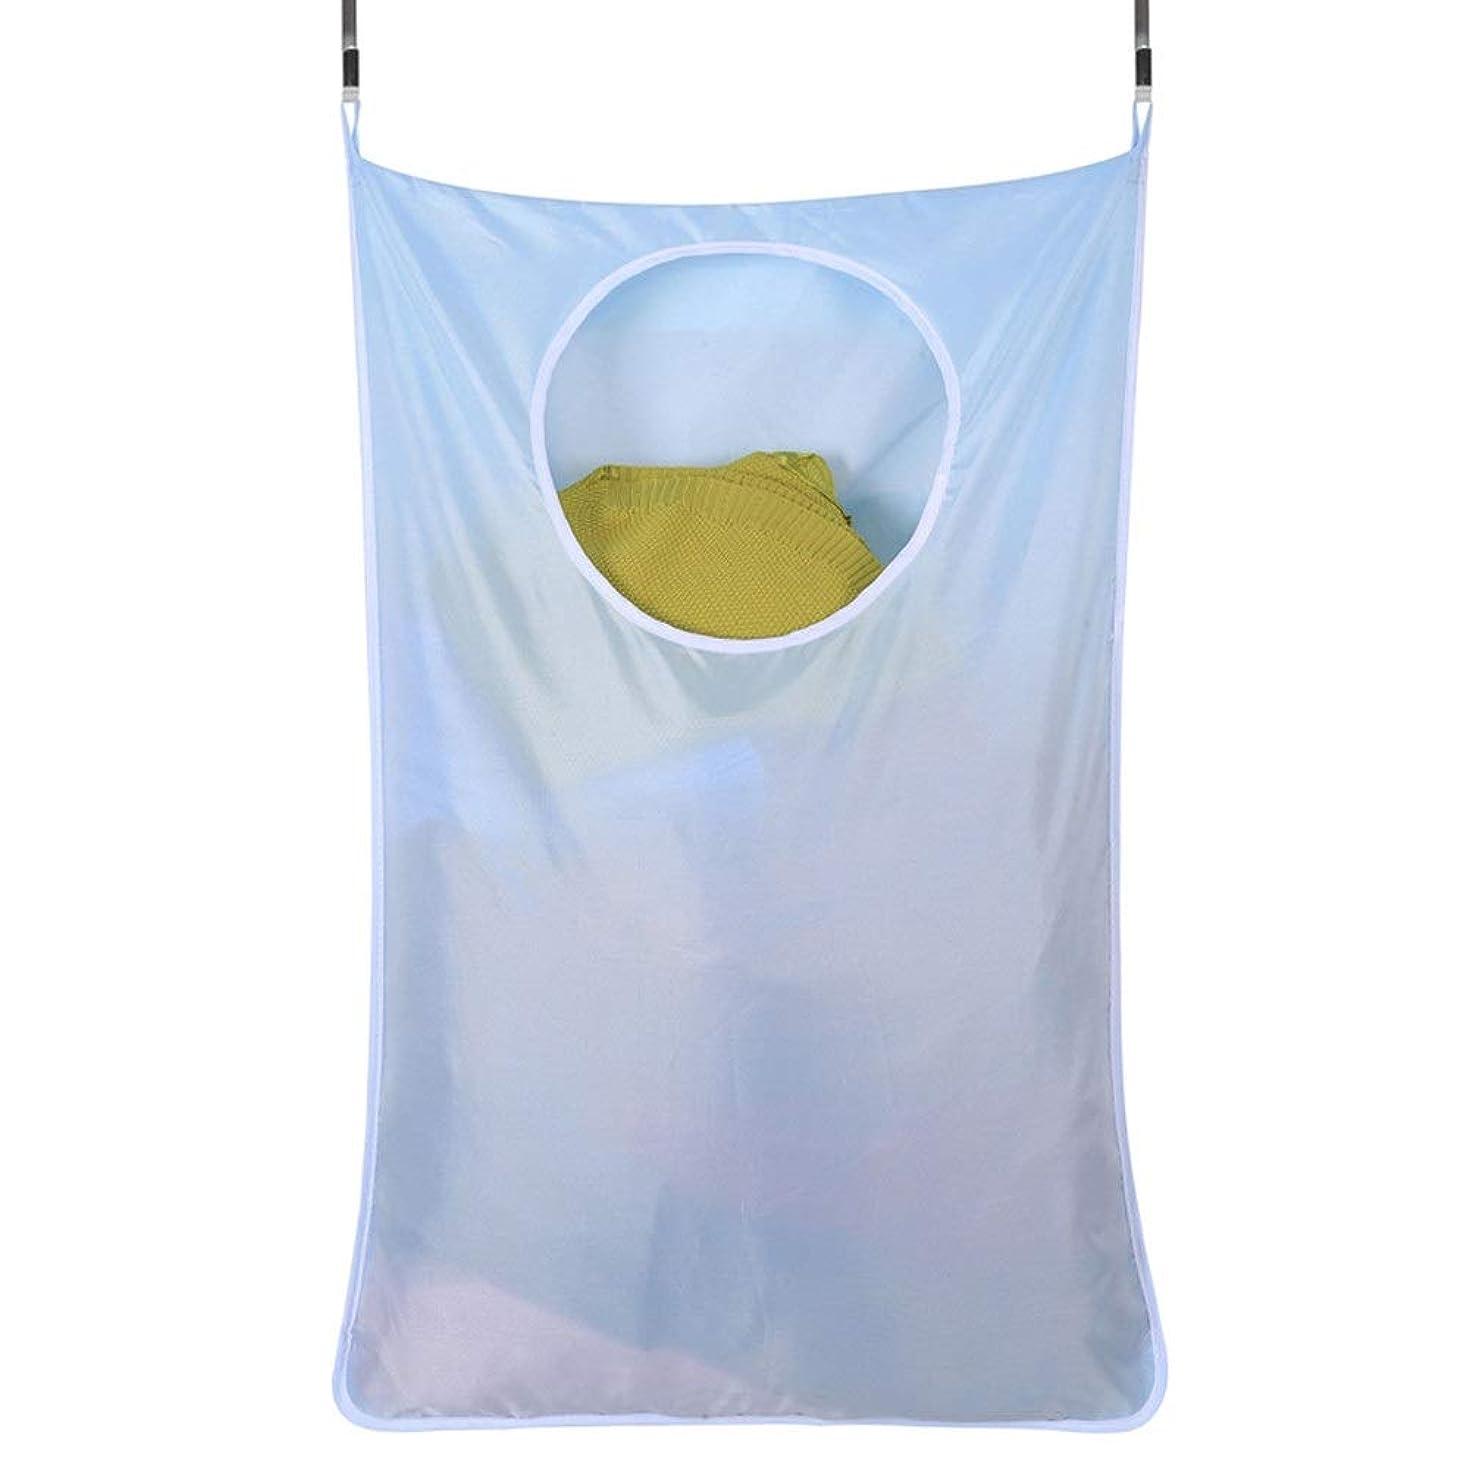 シーケンスちらつきひもKYAWJY 家庭用収納ハンギングバッグ、ドアの後ろの汚れた服のポケット、携帯用の耐久性のある衣類収納バッグ、オックスフォードの布バッグ (Color : ブルー)